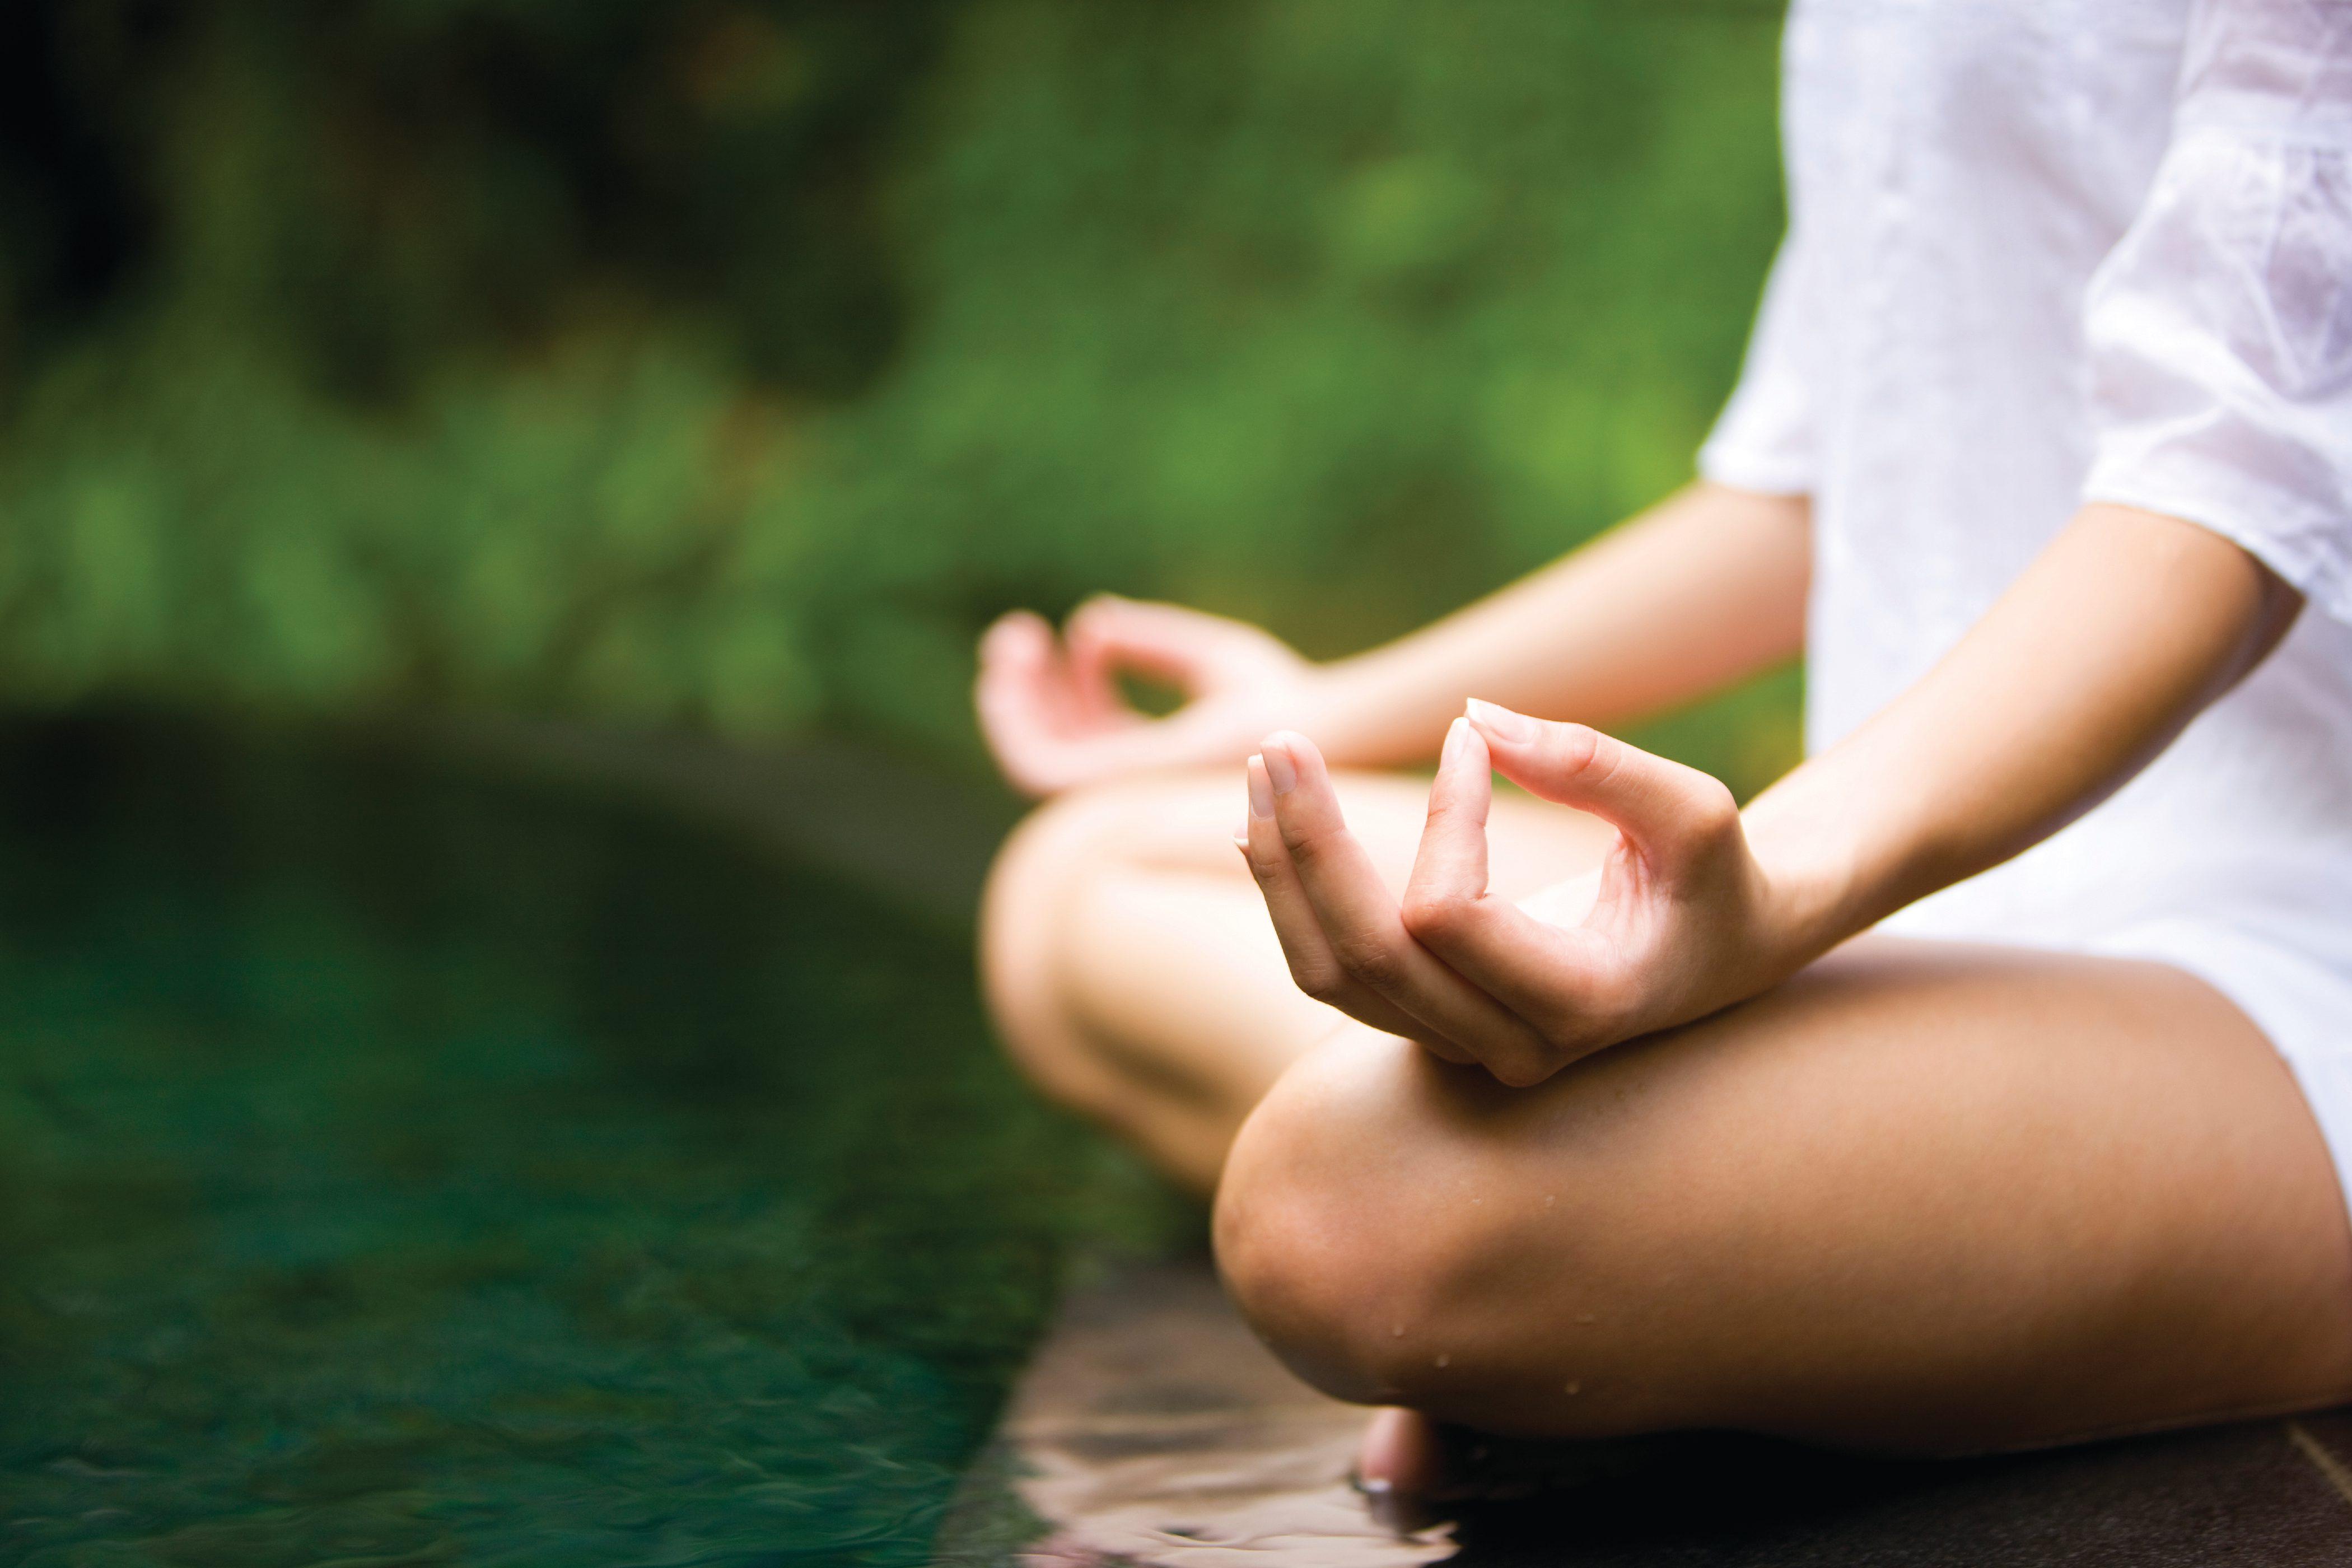 Туры в йога и медитация в ашраме ,индия, экскурсии